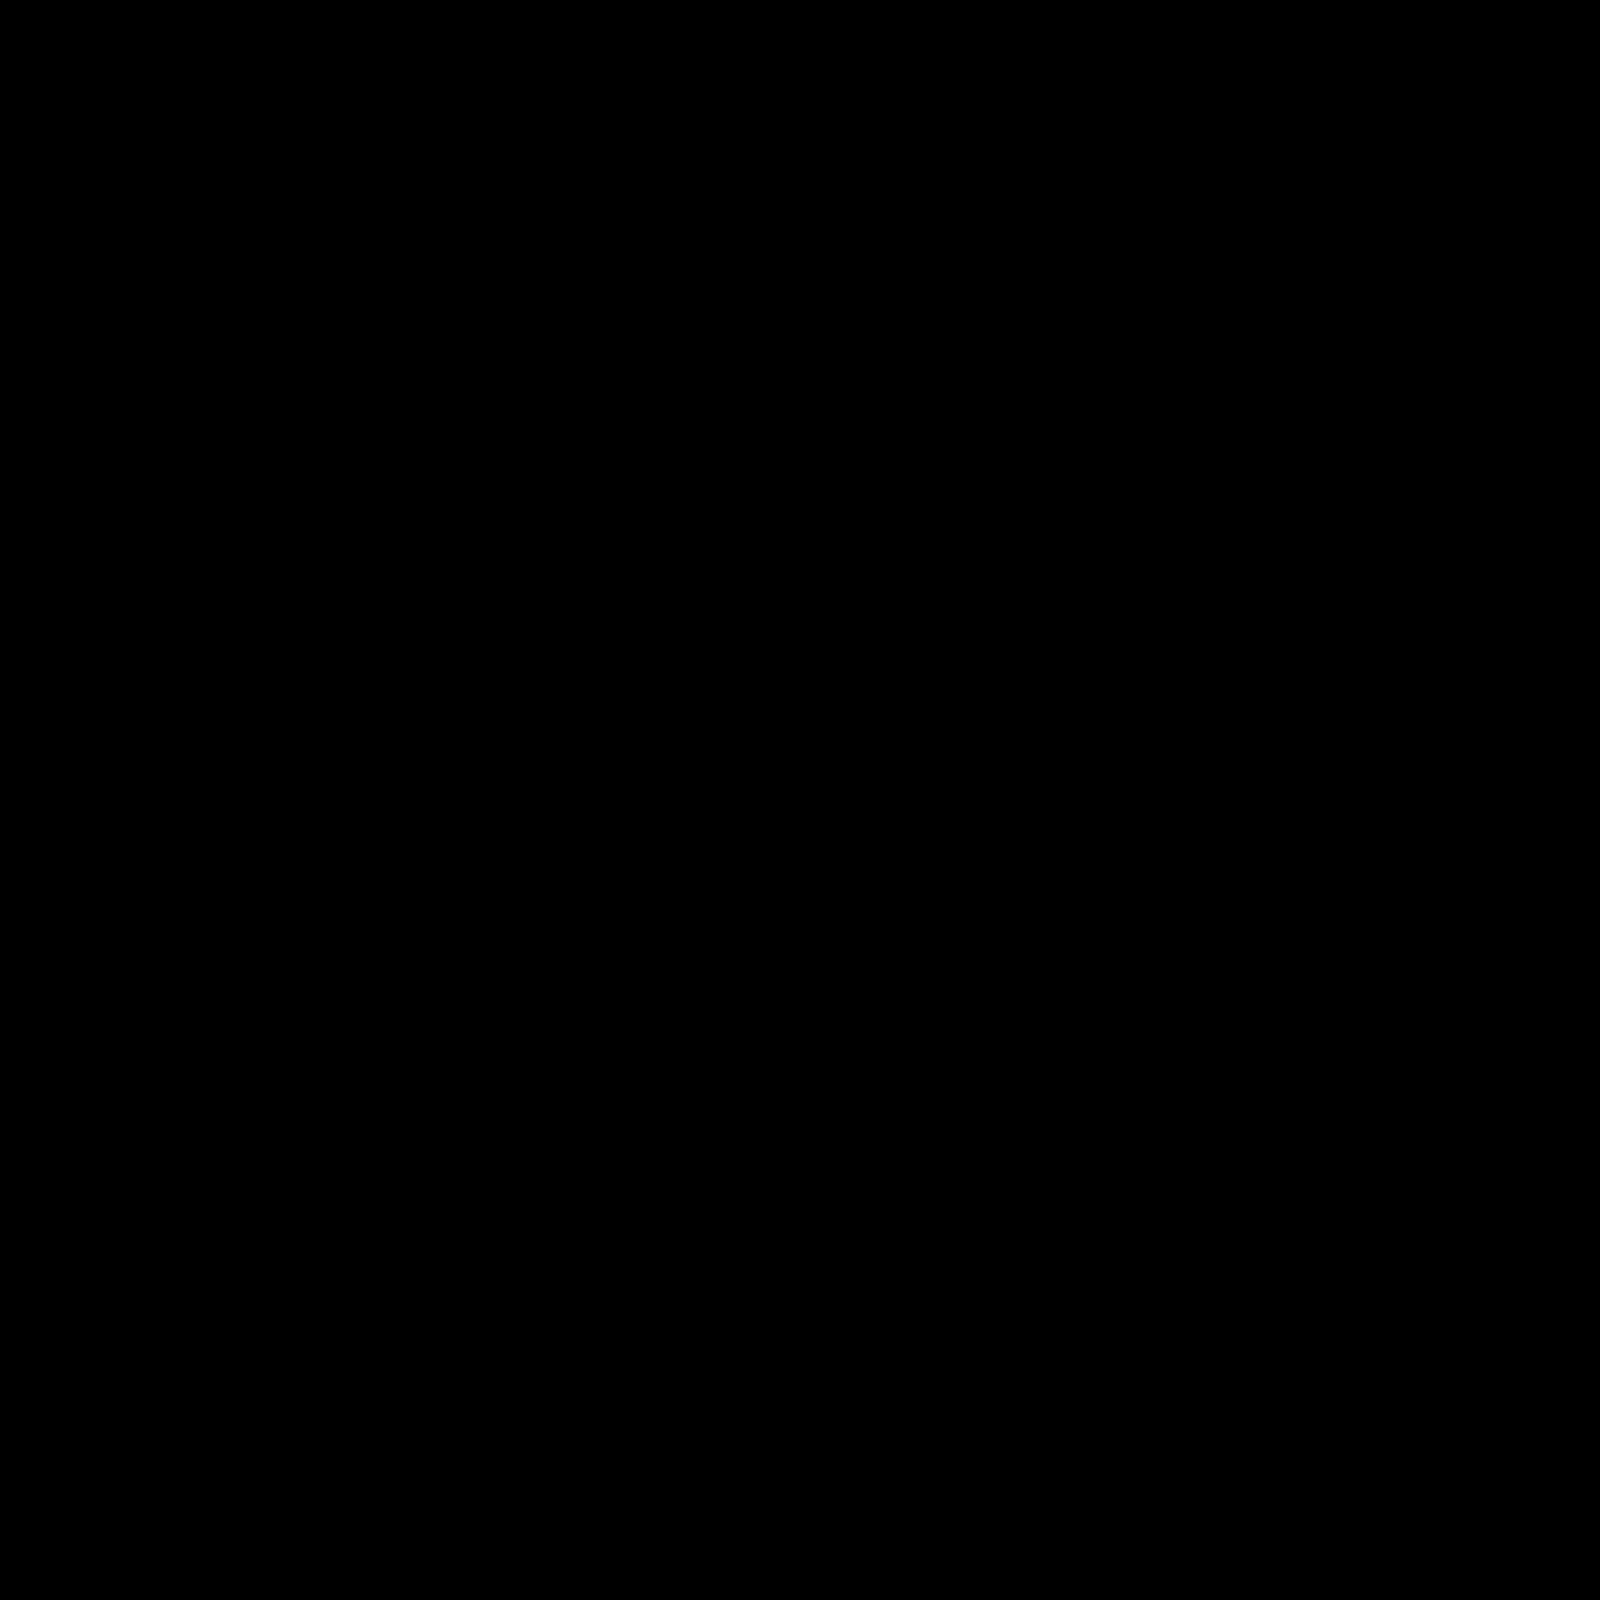 Visualization Skill icon